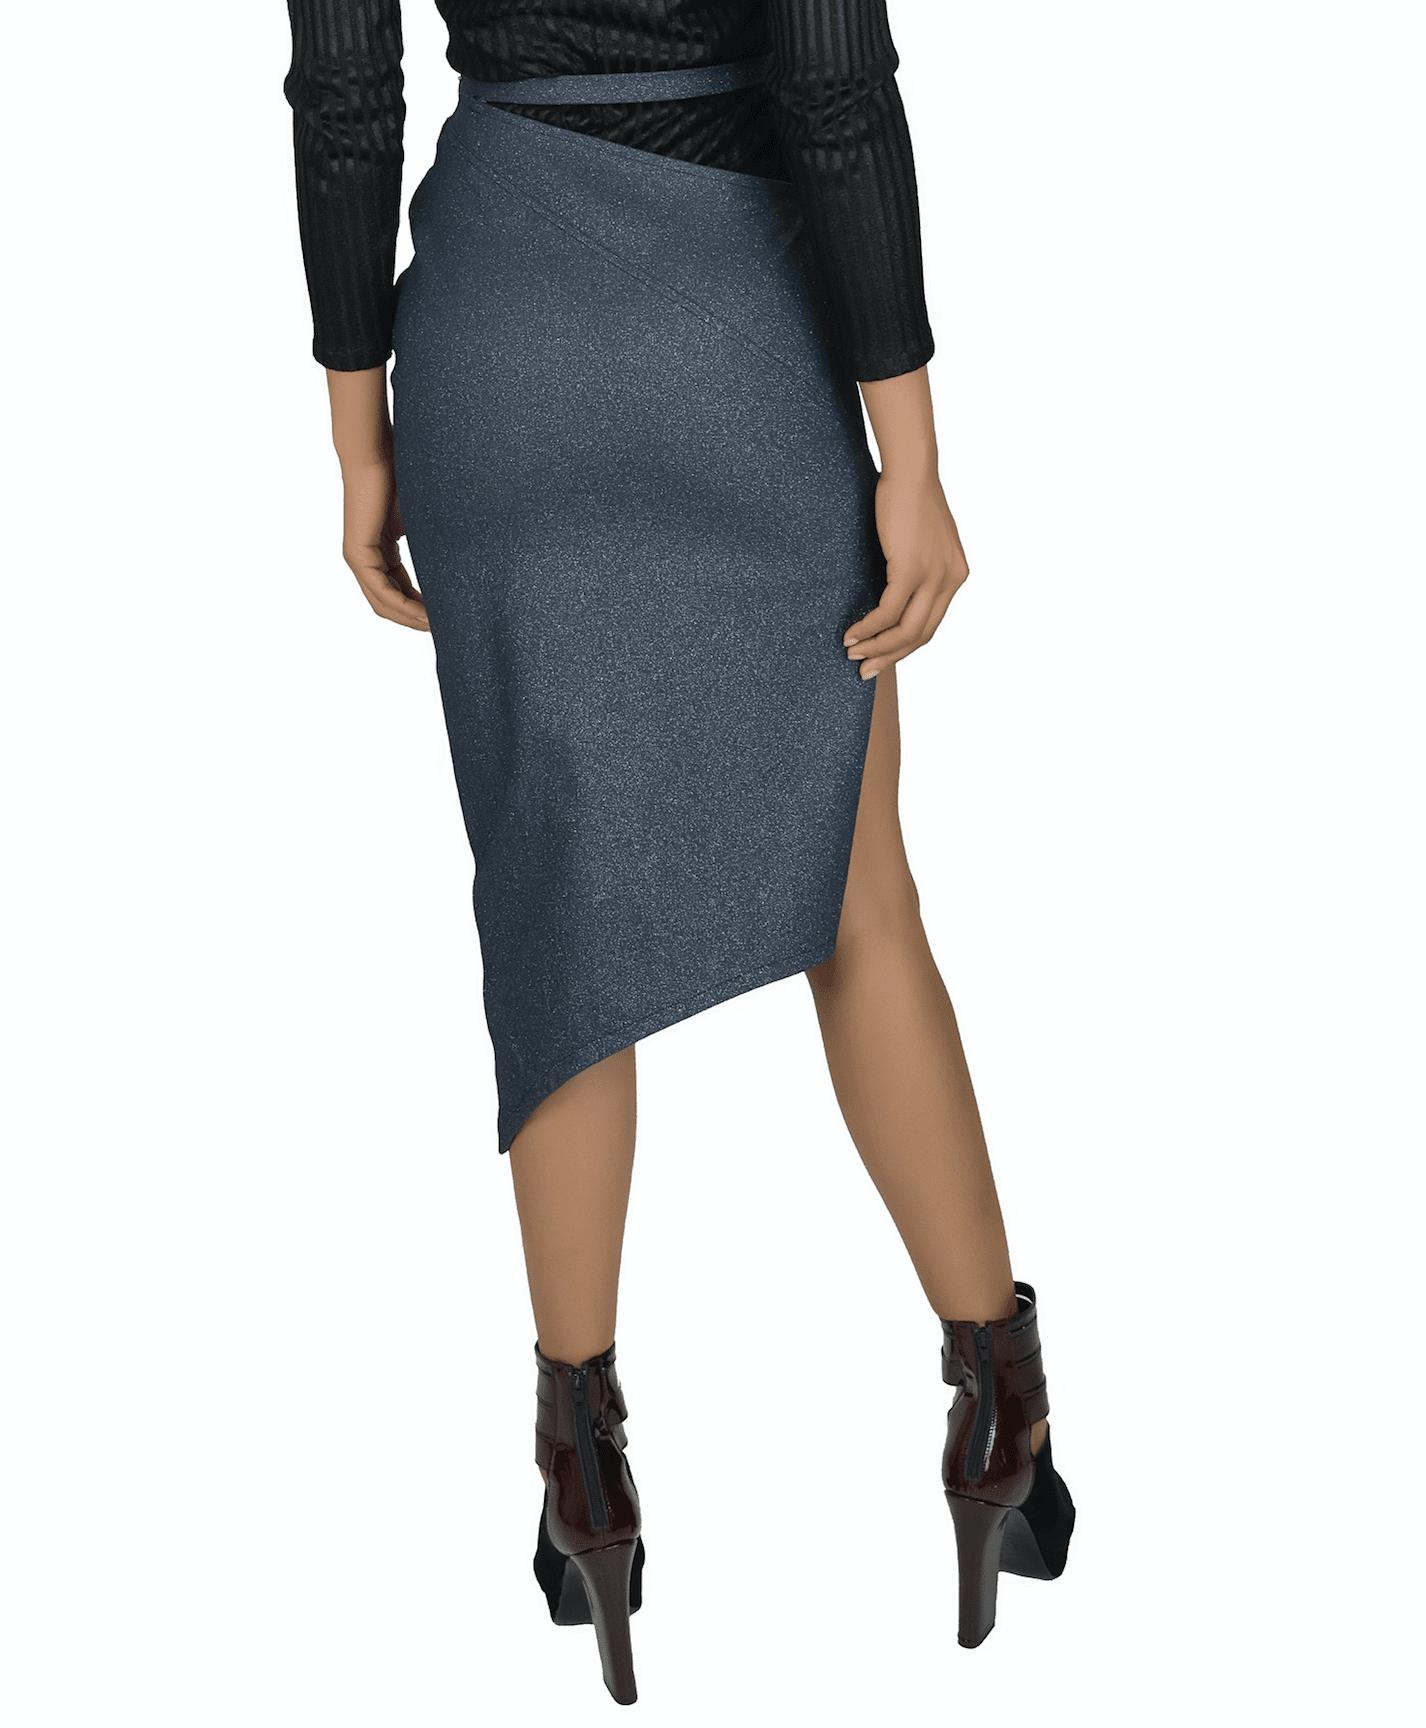 Skirt LICH 3